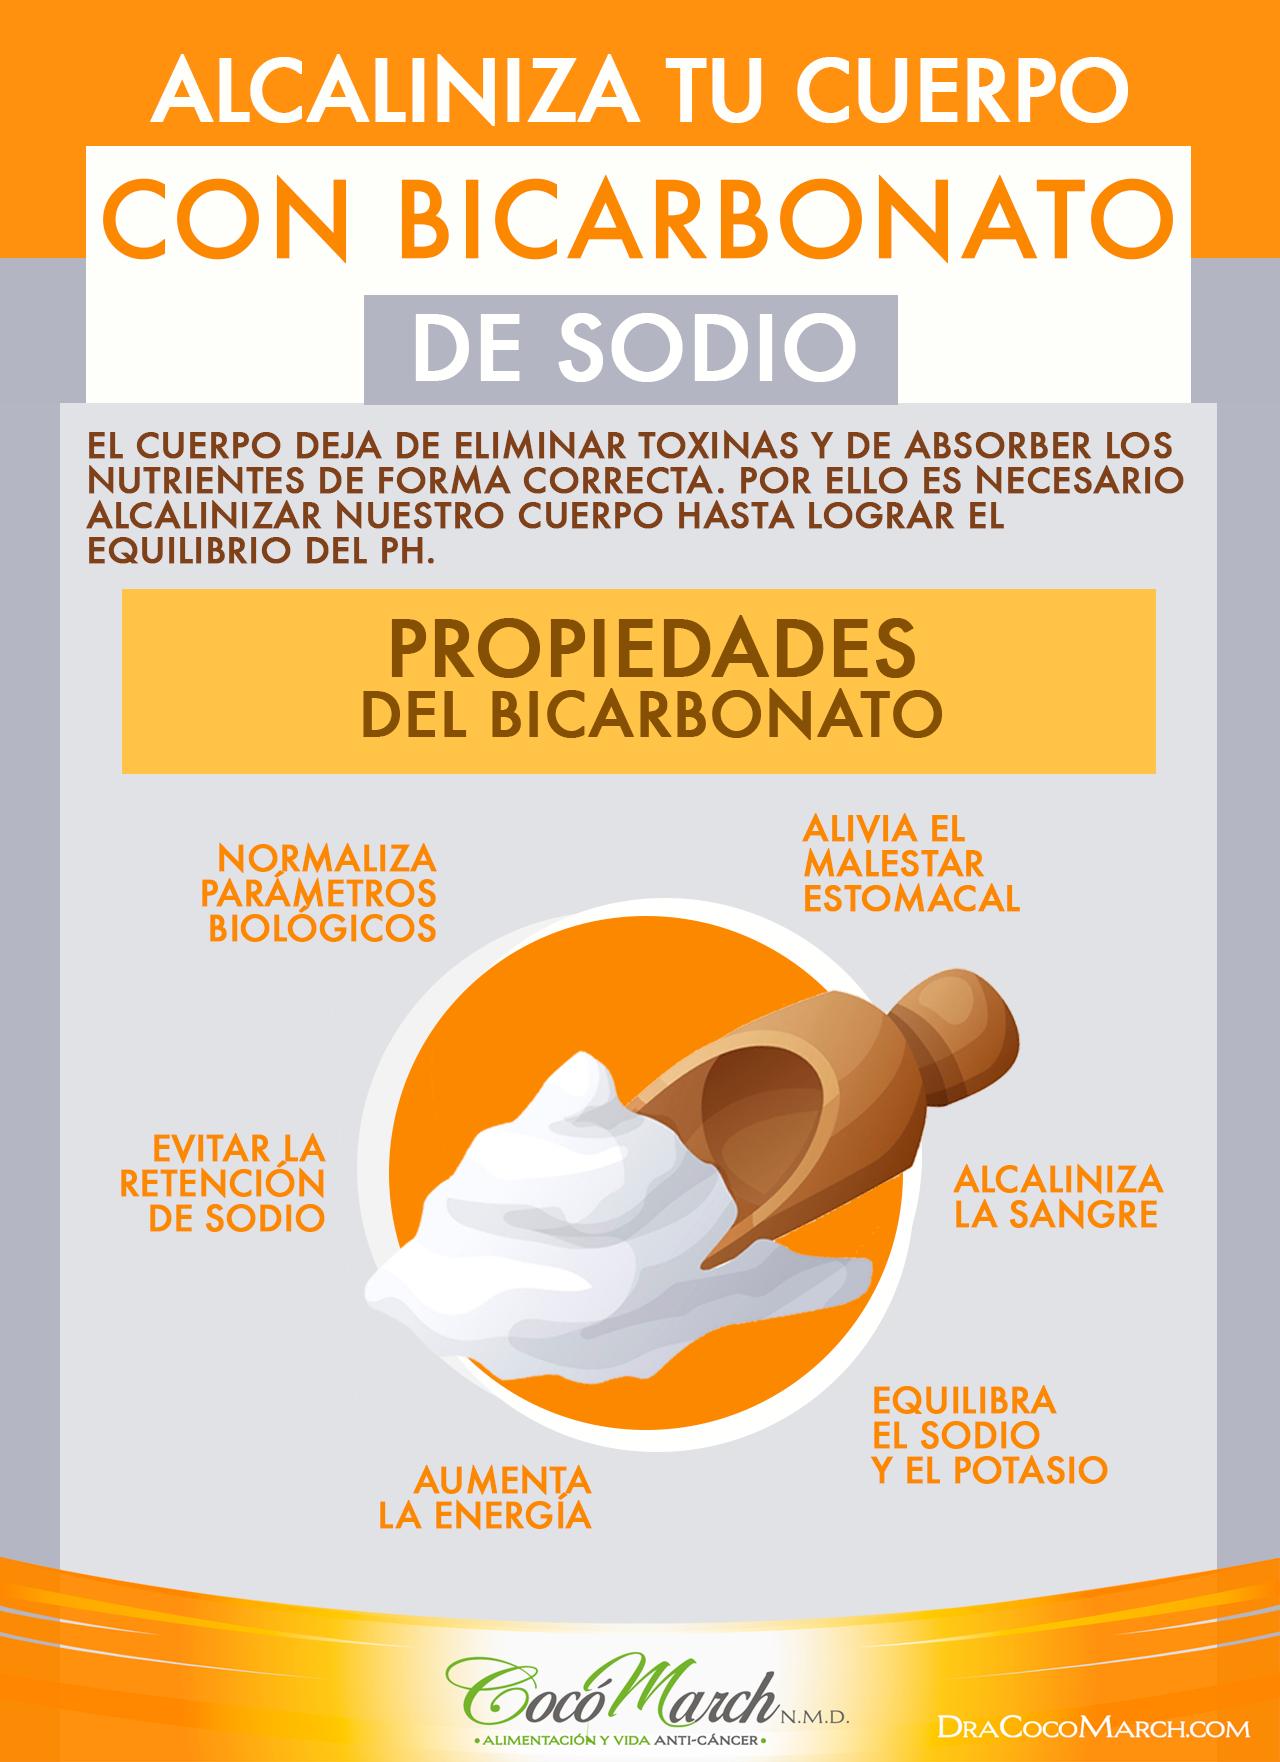 7 FORMAS DE ALCALINIZAR TU CUERPO CON BICARBONATO DE SODIO